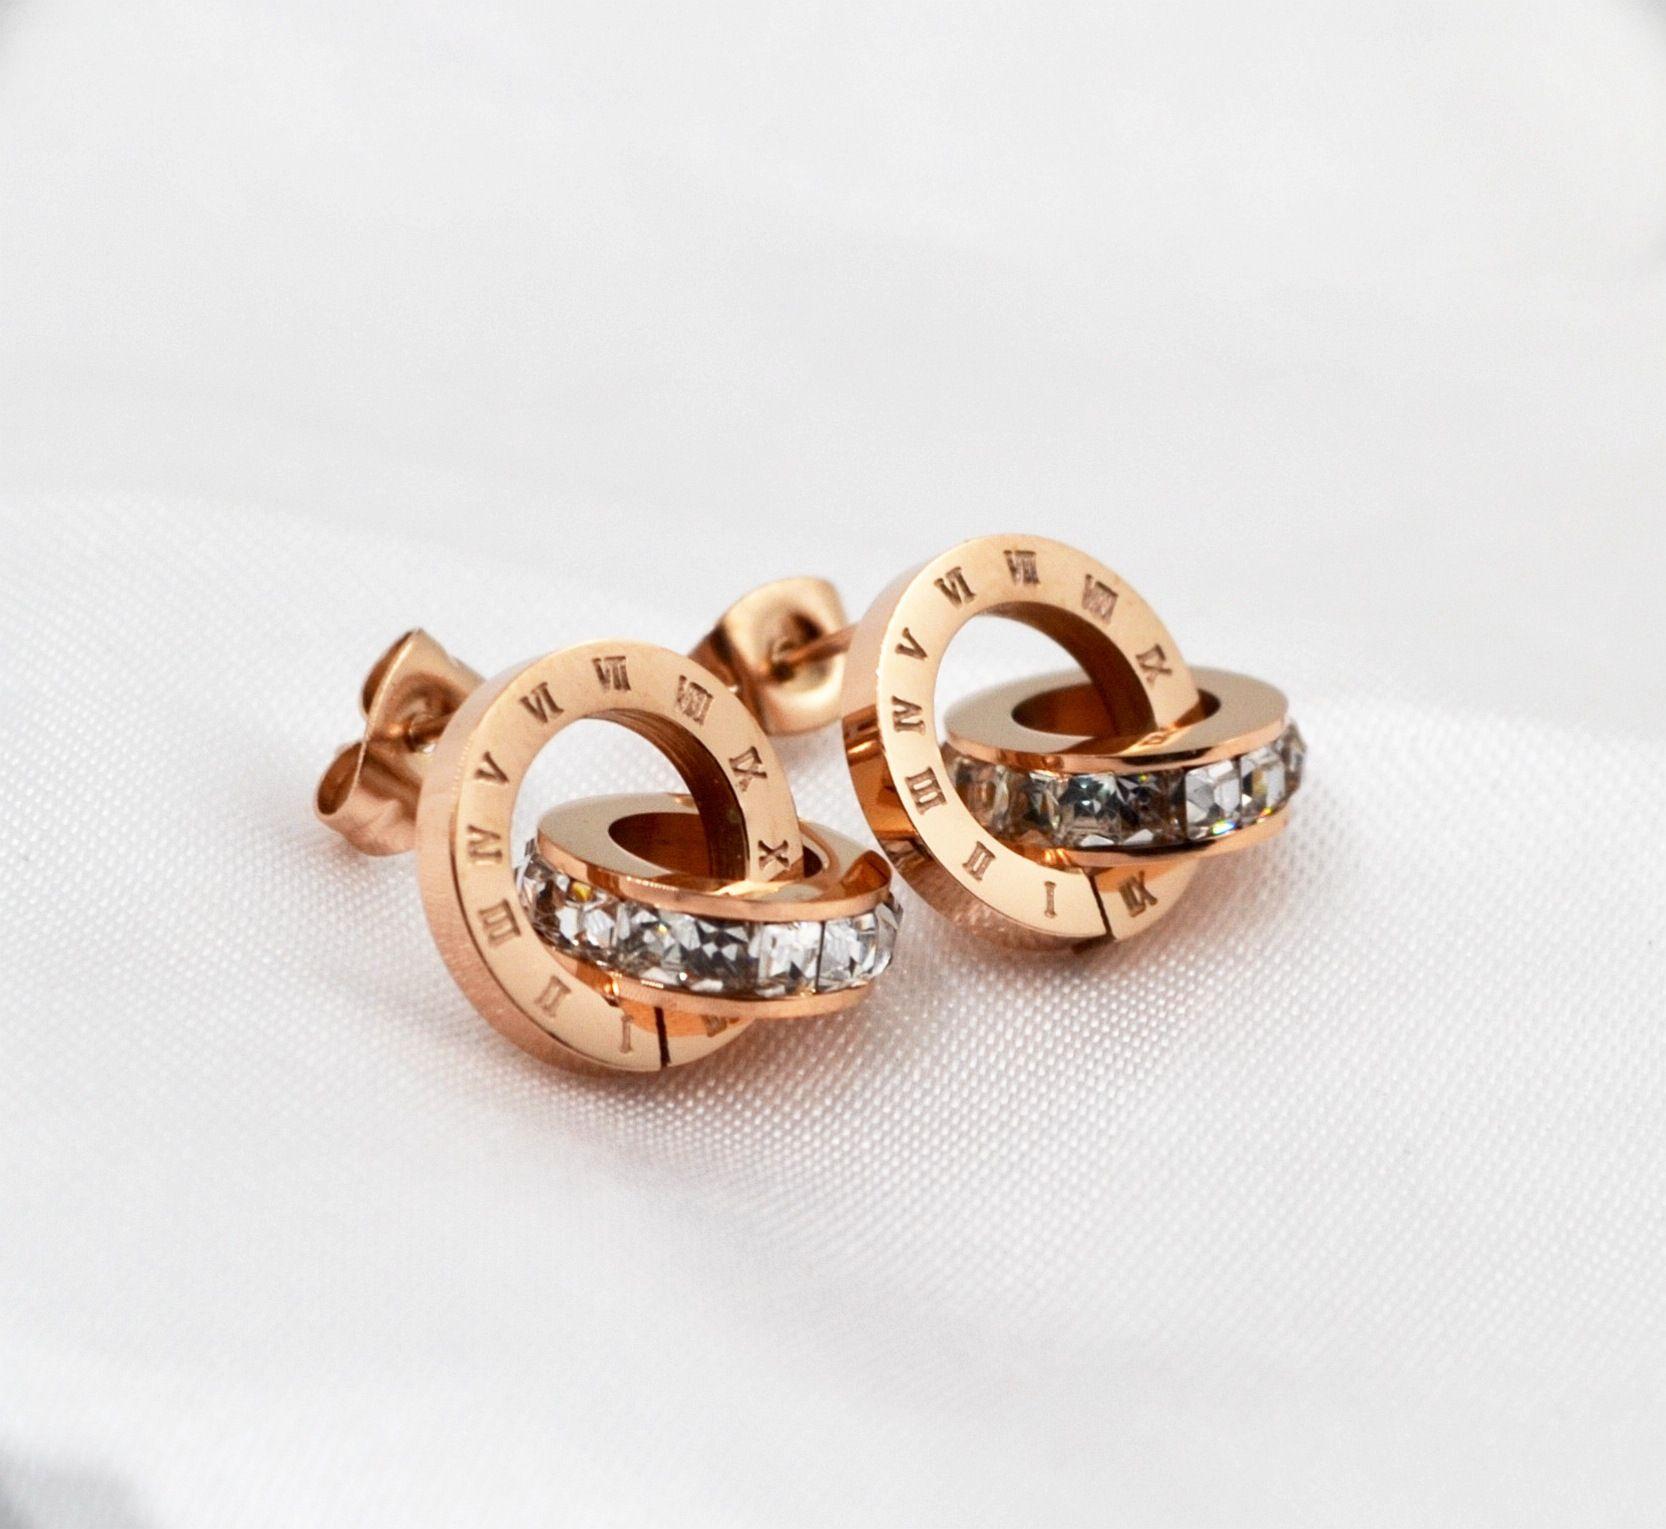 Tyme tiff mode jewerly acier inoxydable flash rome numérique double de mode lady tout-allumette titanium stud bijoux pour les femmes